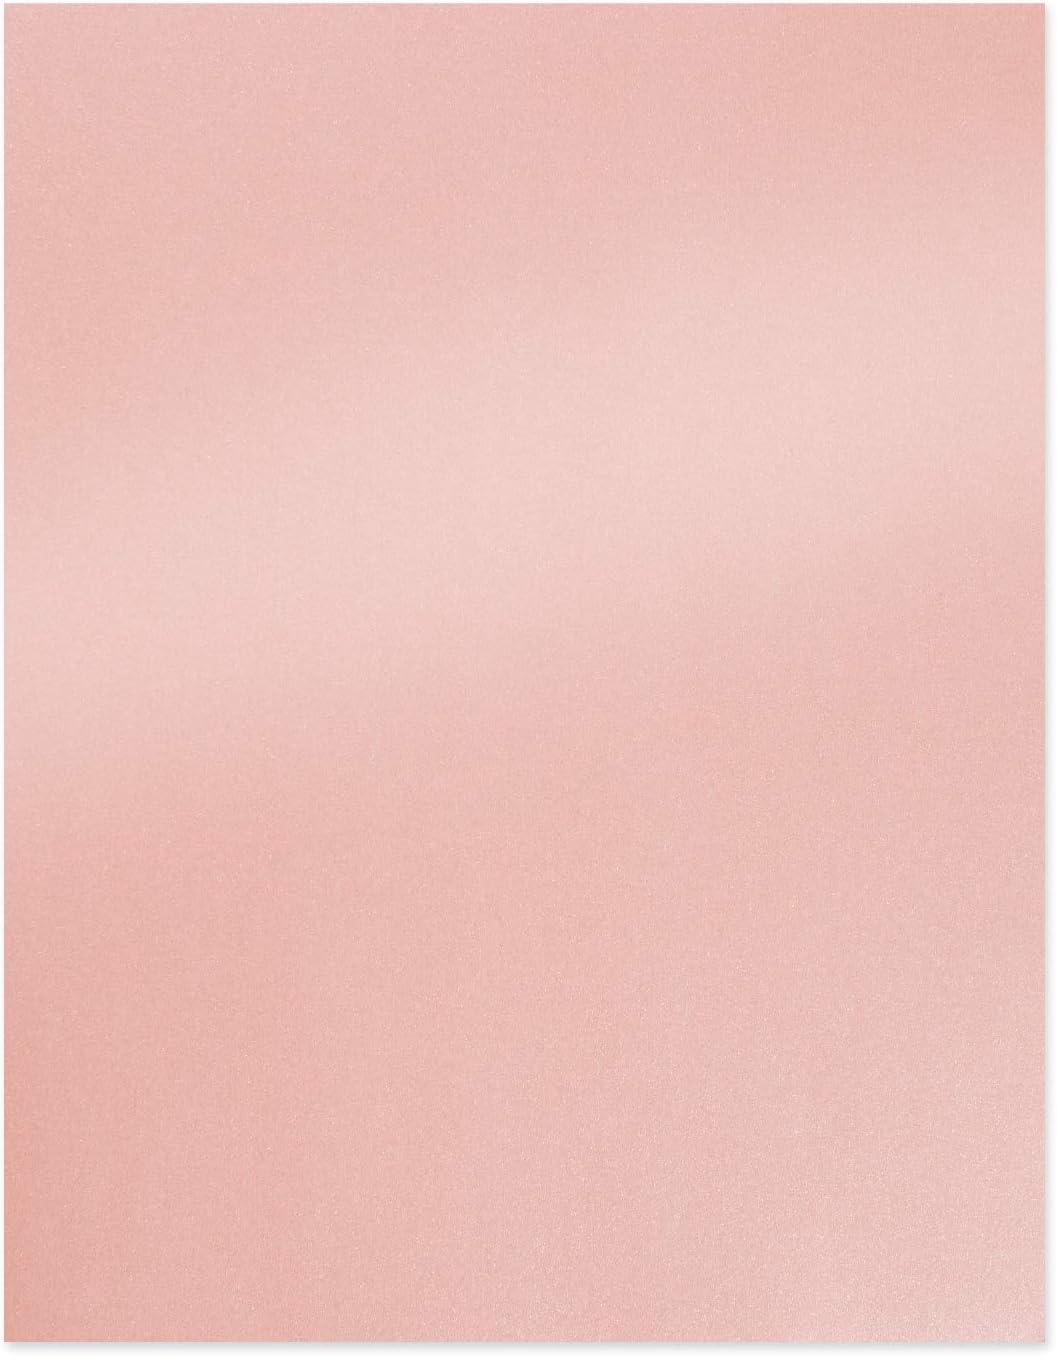 boda bricolaje fiesta de cumplea/ños utilizado para embalaje de manualidades Papel fino dorado rosa a granel 100 hojas de papel de regalo de metal